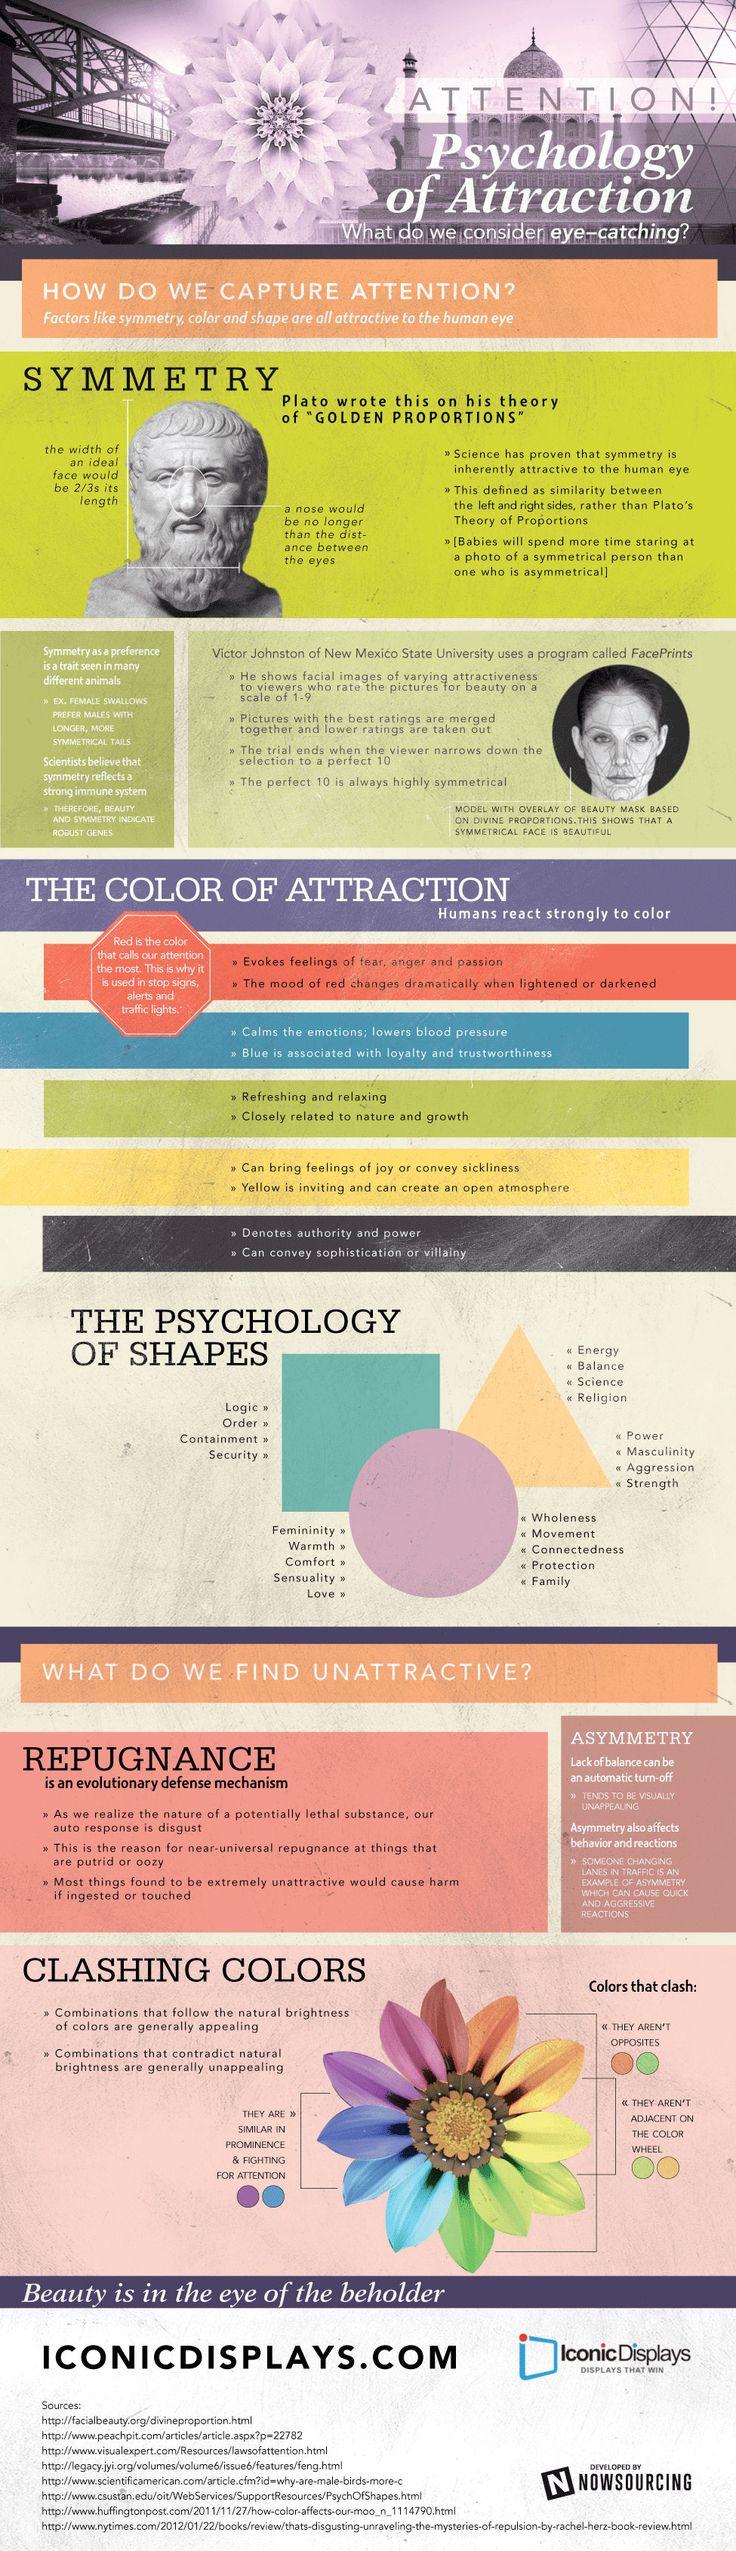 La psicología de la atracción